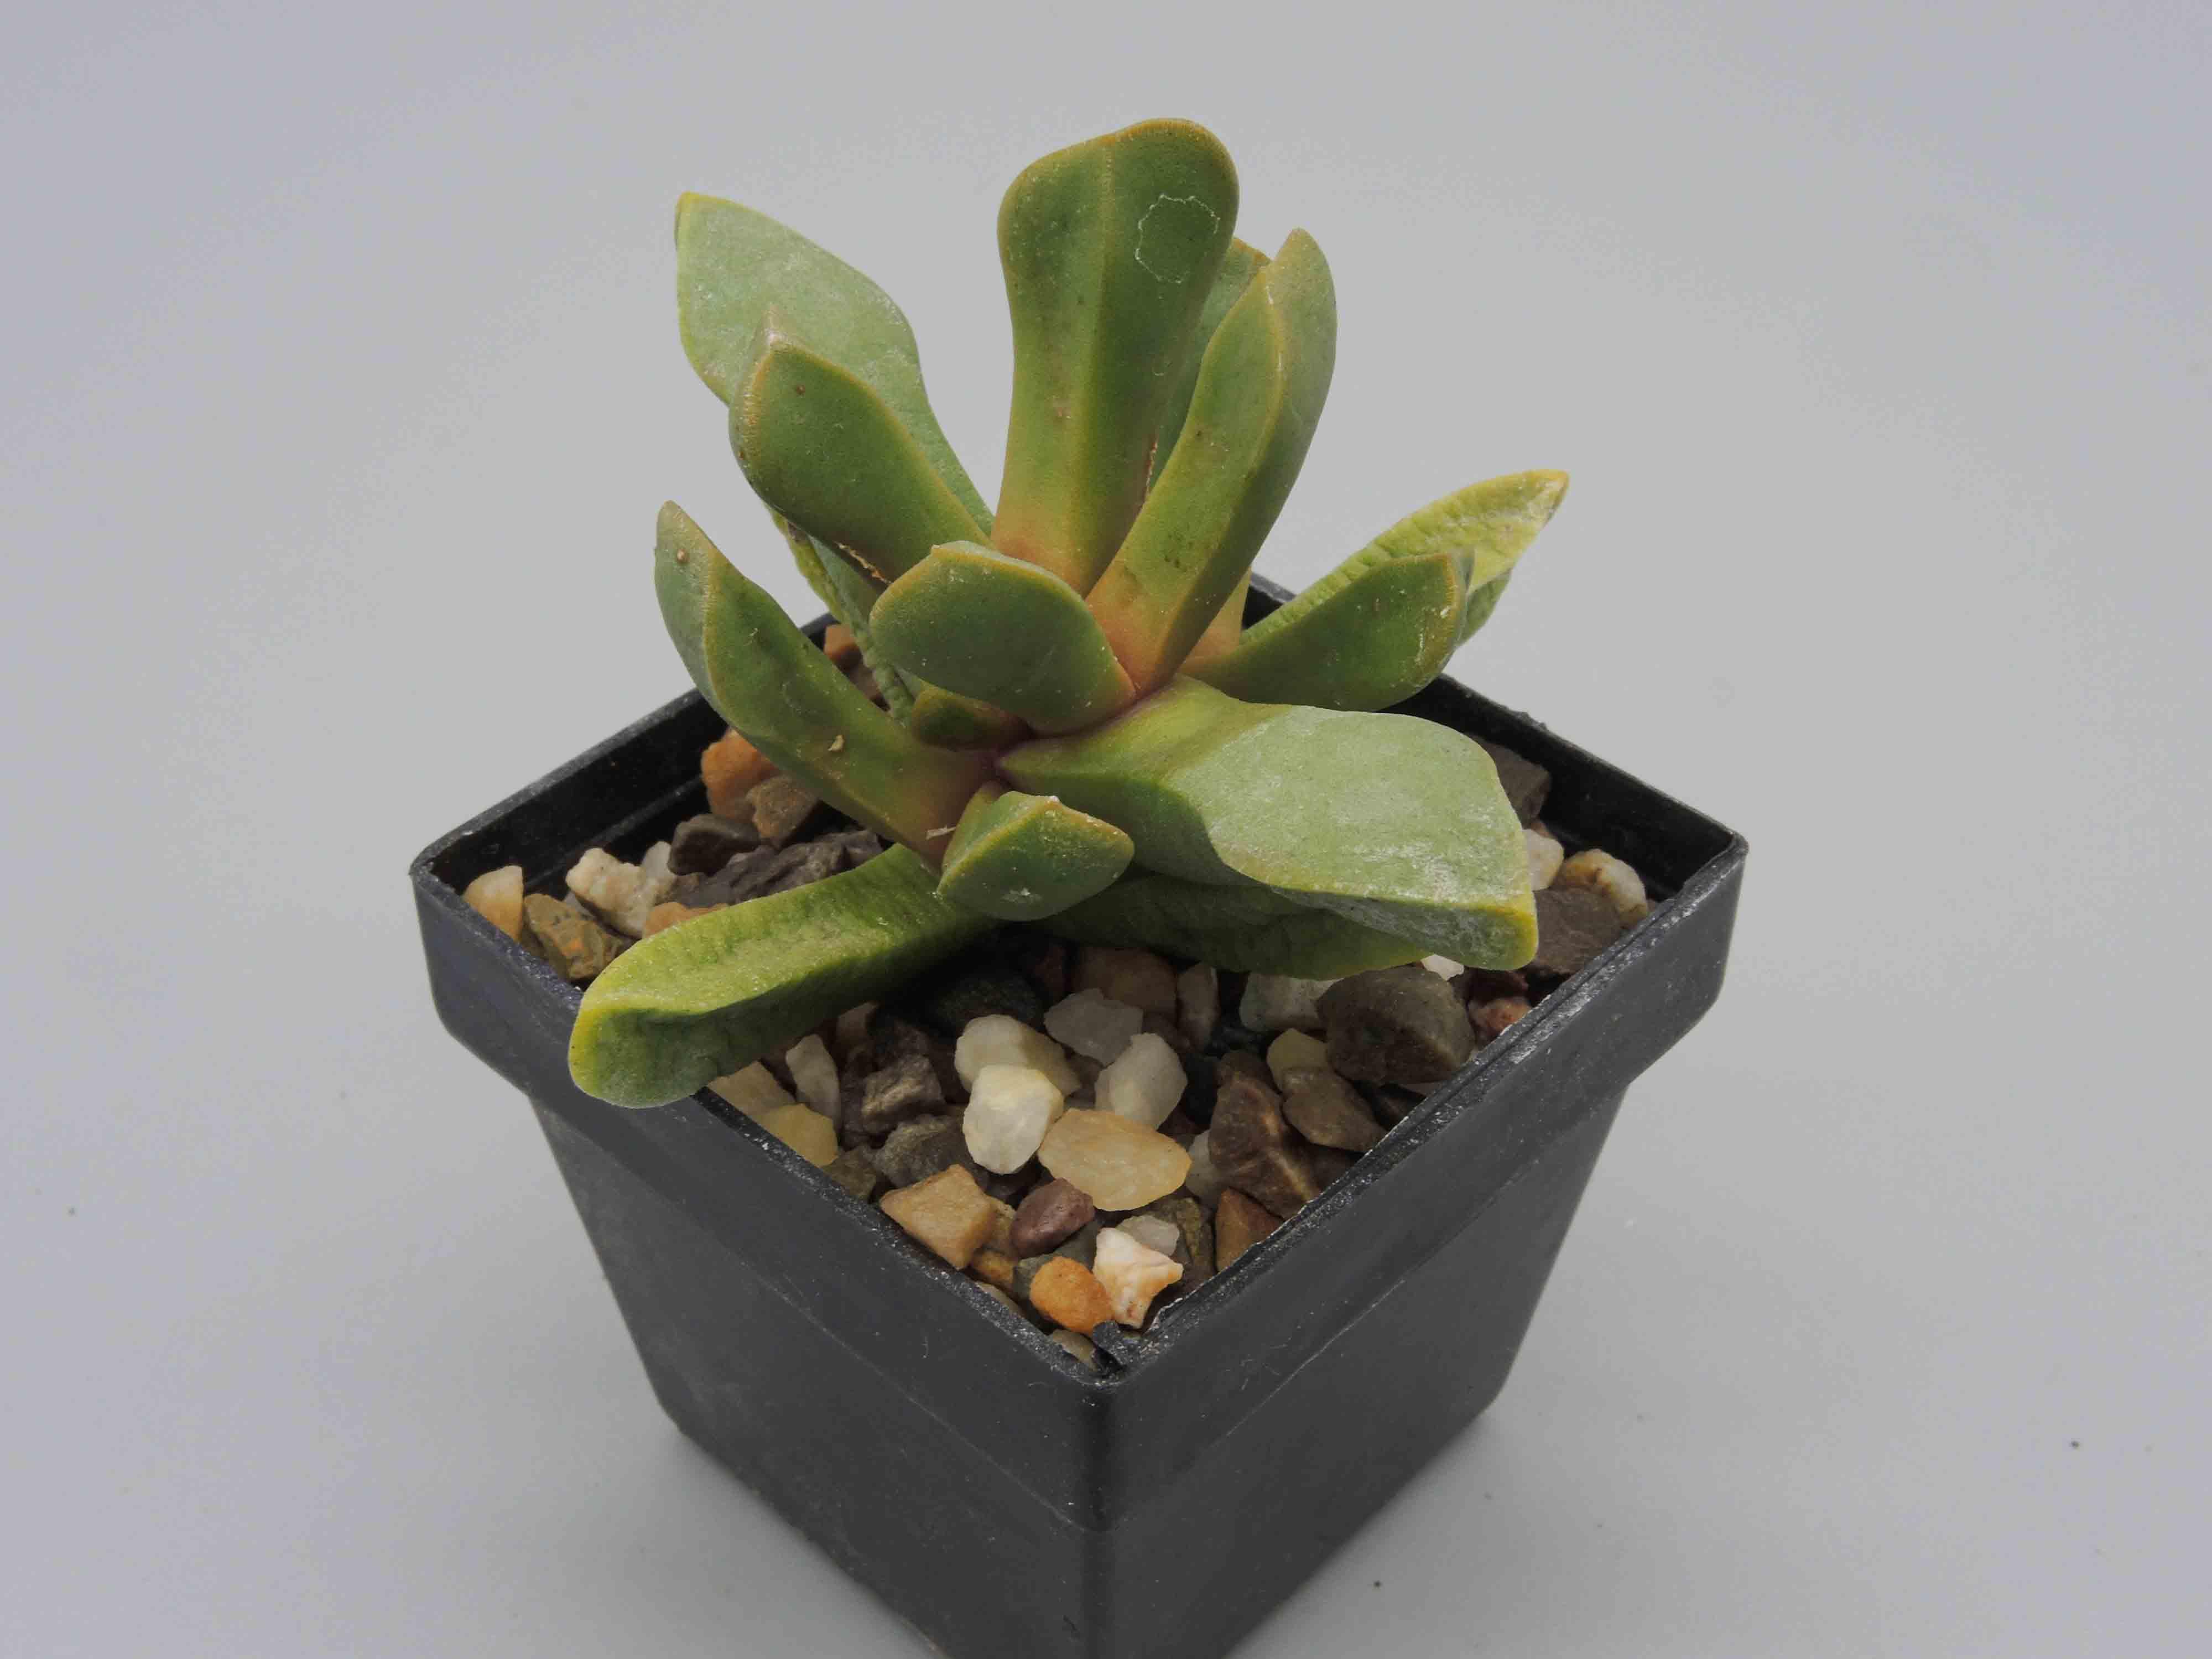 Cerochlamys pachyphylla Oudtshoorn